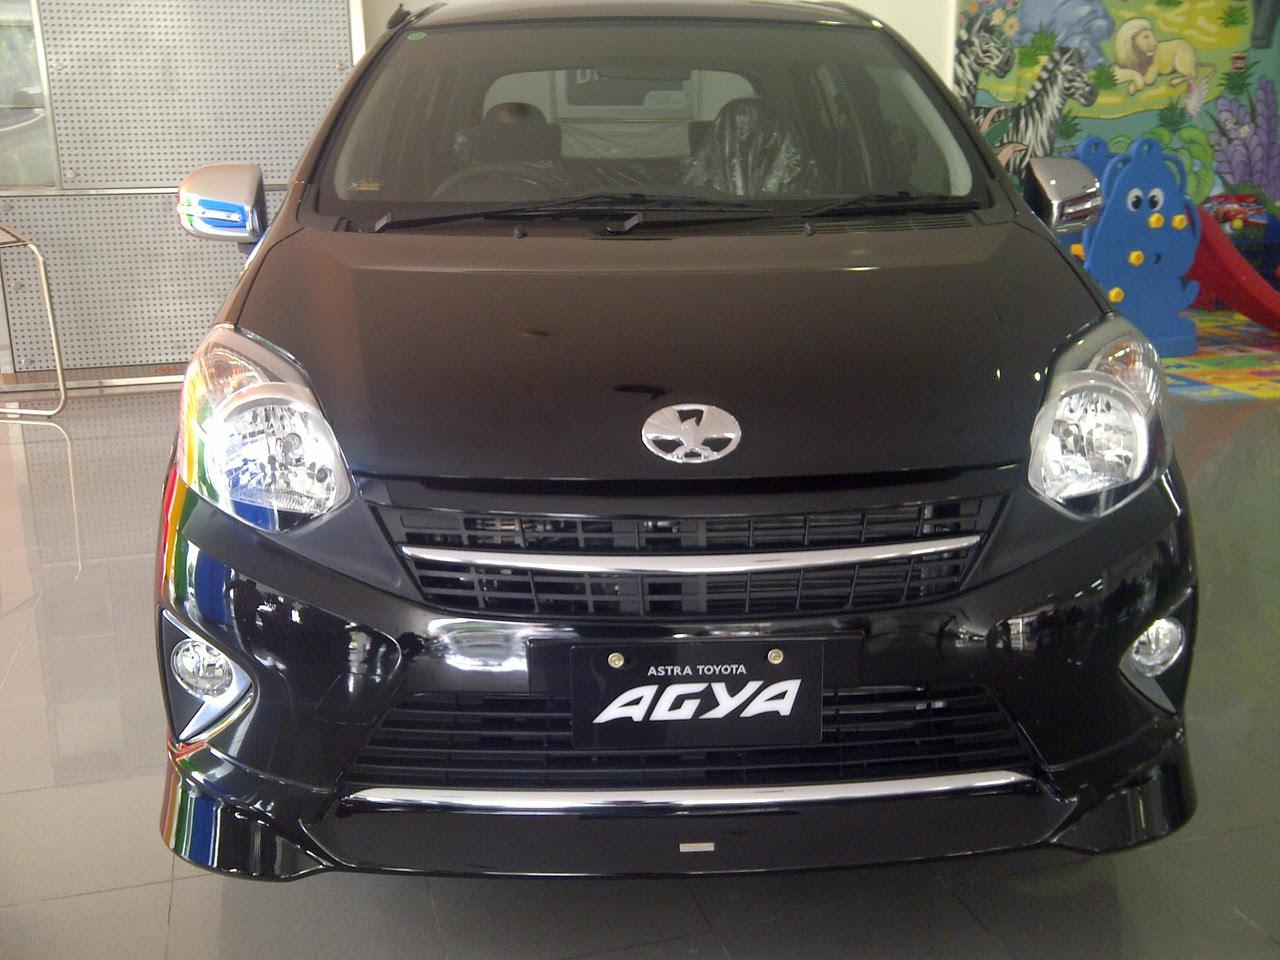 Baru Toyota Agya Siap Kirim Dp Mulai 29jtan Angs 16 Jtan